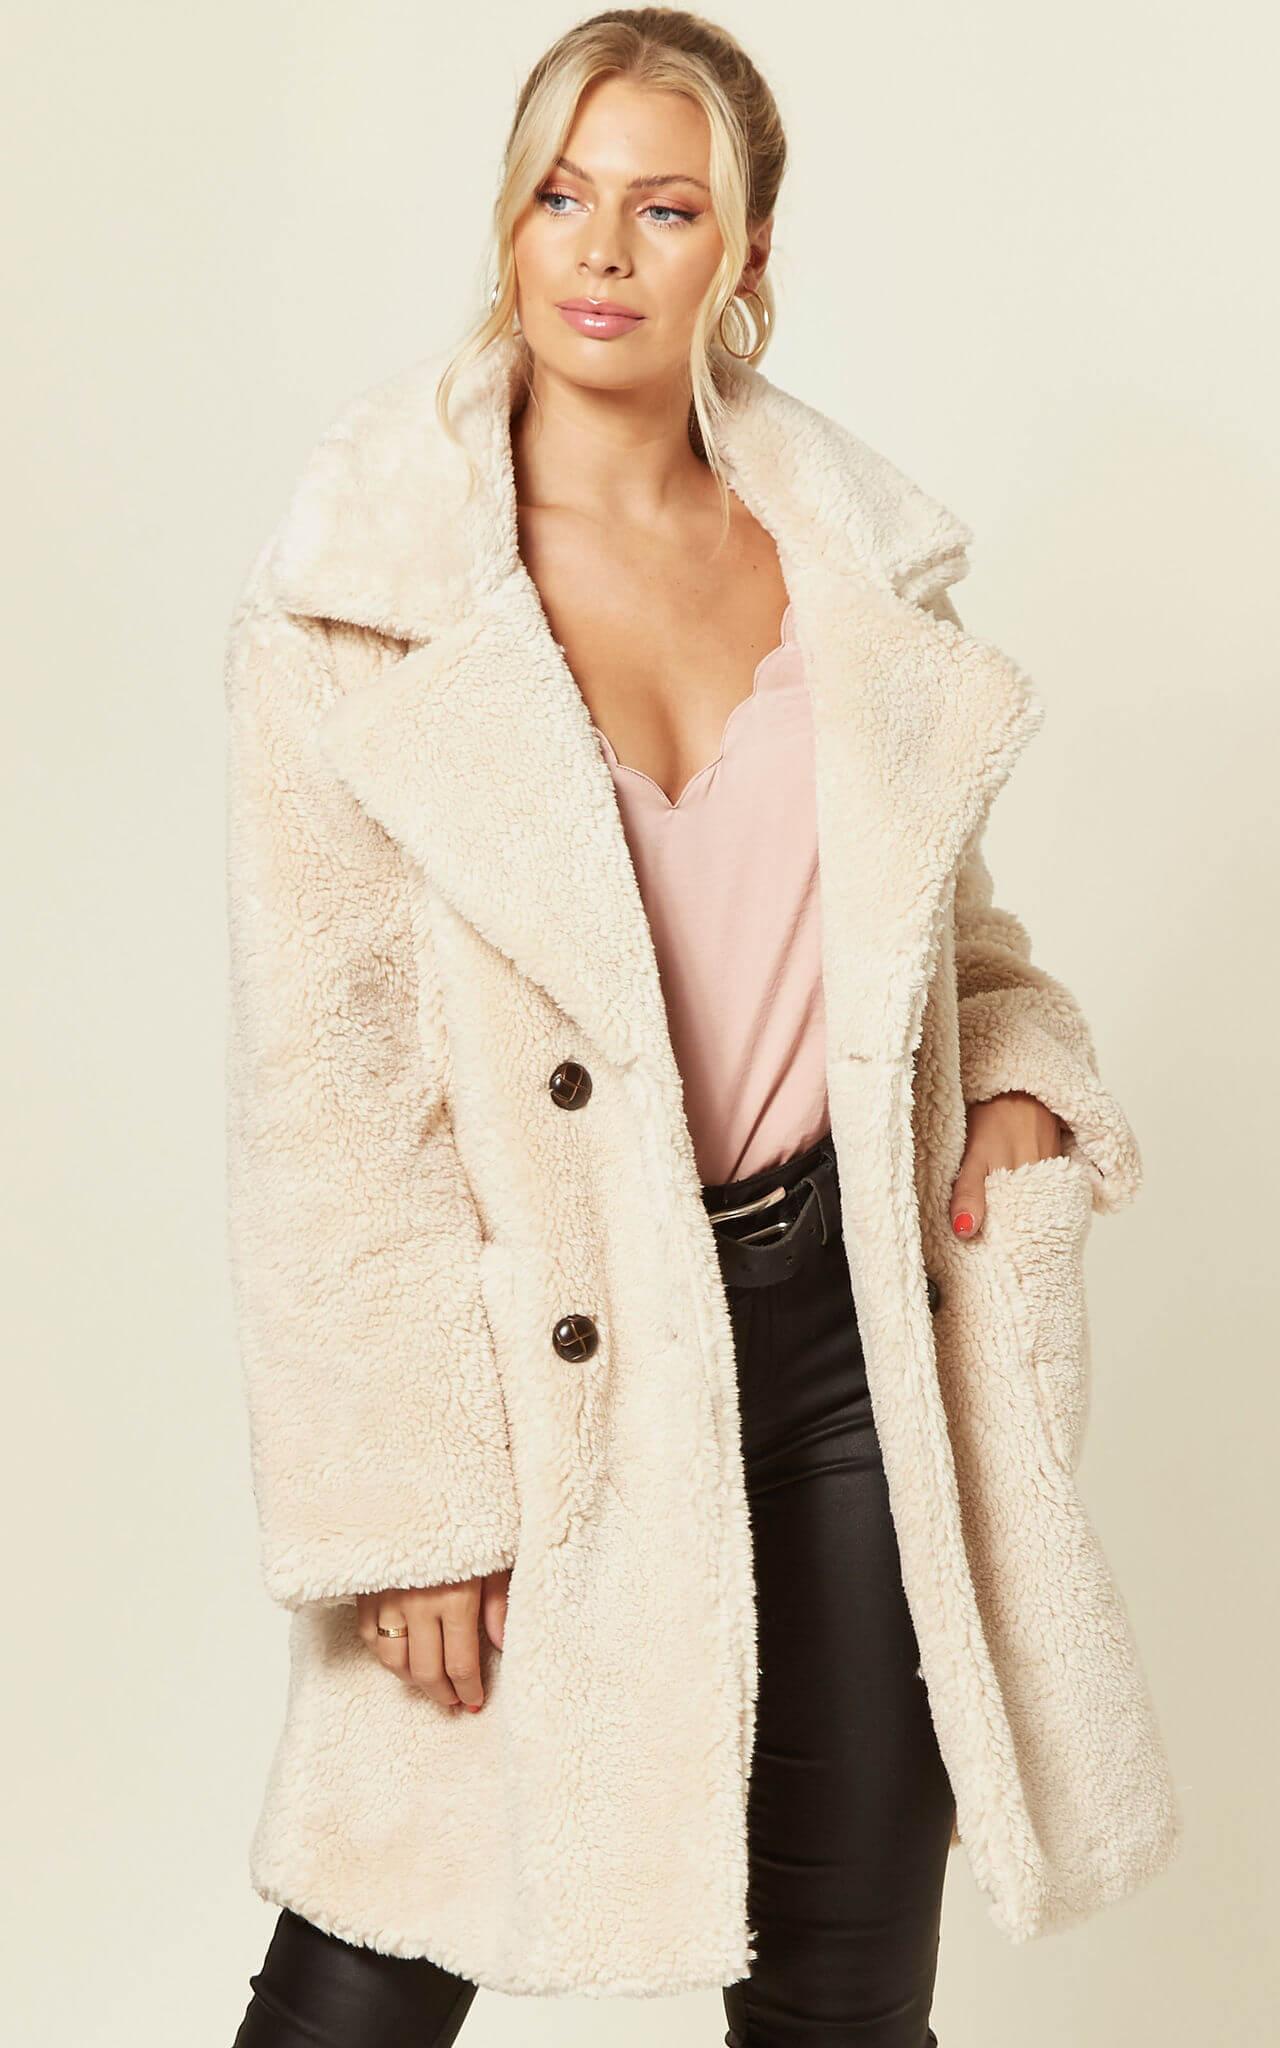 Model wears a pale teddy coat